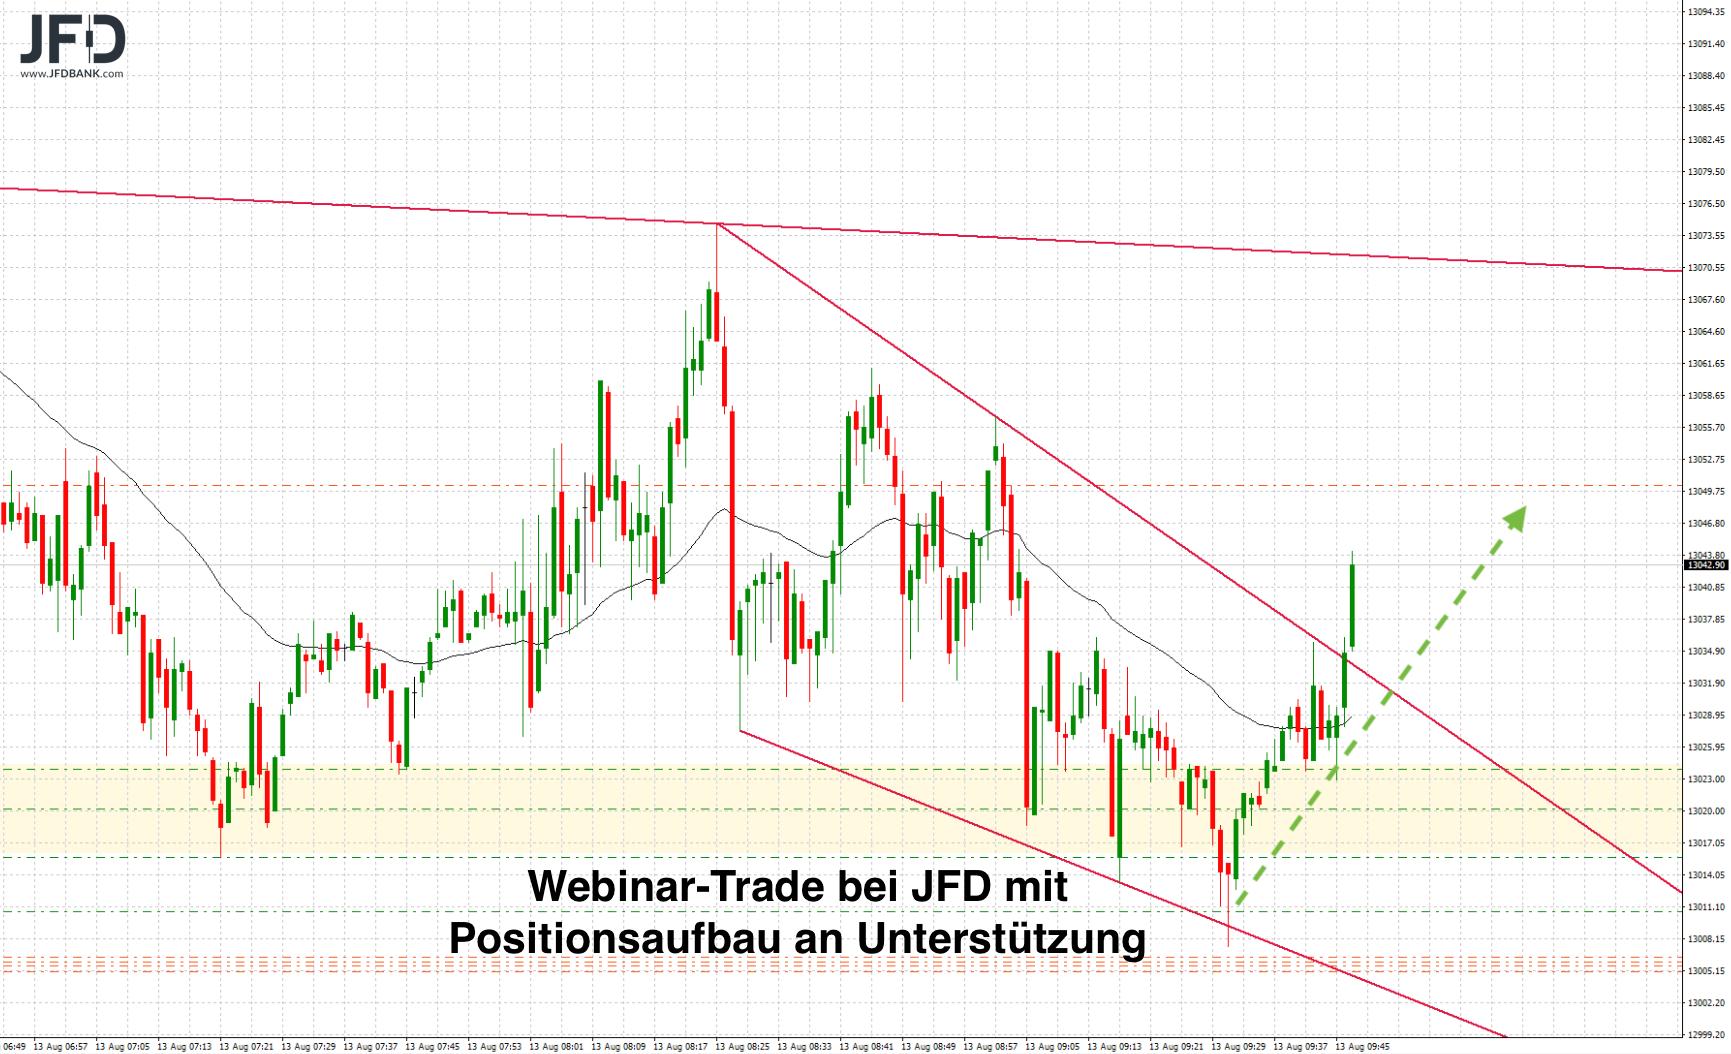 DAX-Handel-im-Fokus-der-13-000-Kommentar-JFD-Bank-GodmodeTrader.de-1